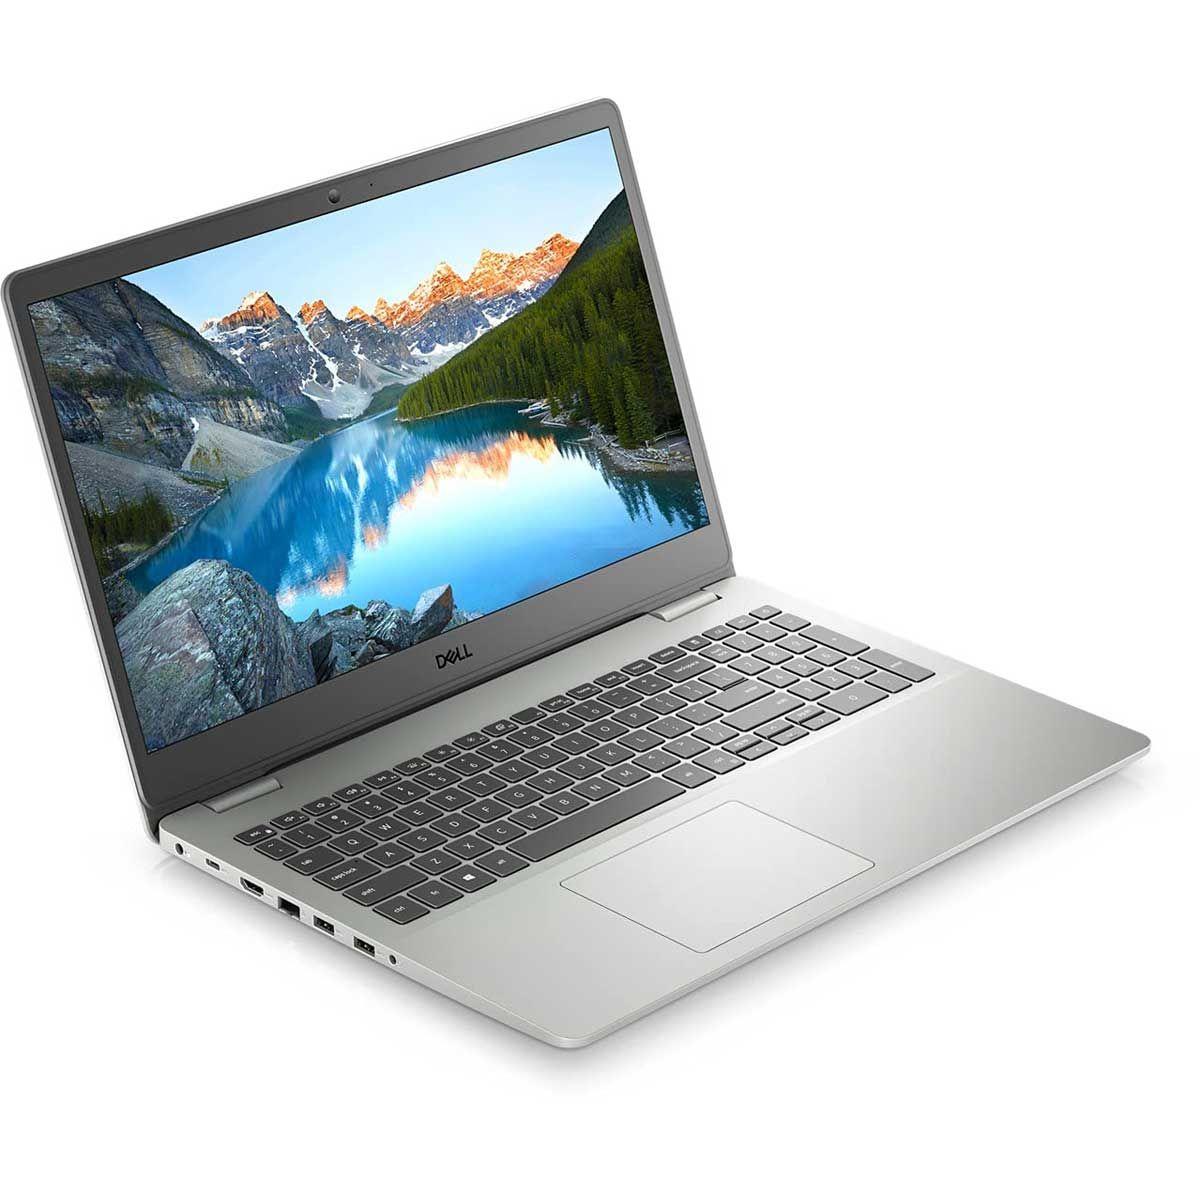 Dell Inspiron 3501 11th Gen Core i5-1135G7 (2021)